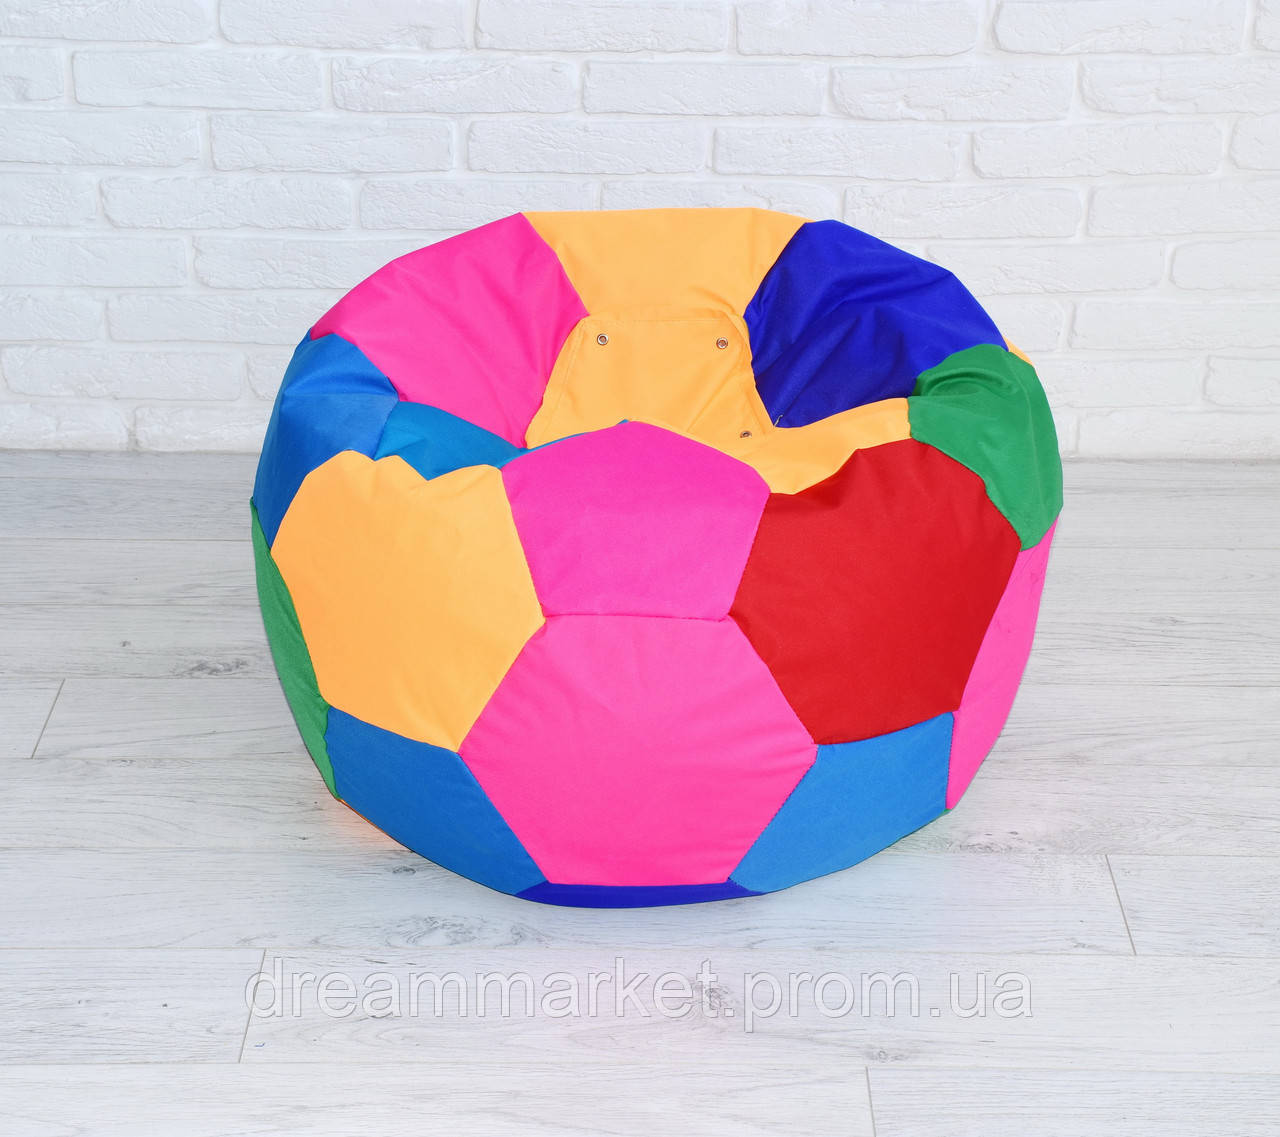 Мягкое Бескаркасное Кресло-мешок Мяч средний со съемным чехлом и ручкой для переноски, ткань Оксфорд, D=80 см